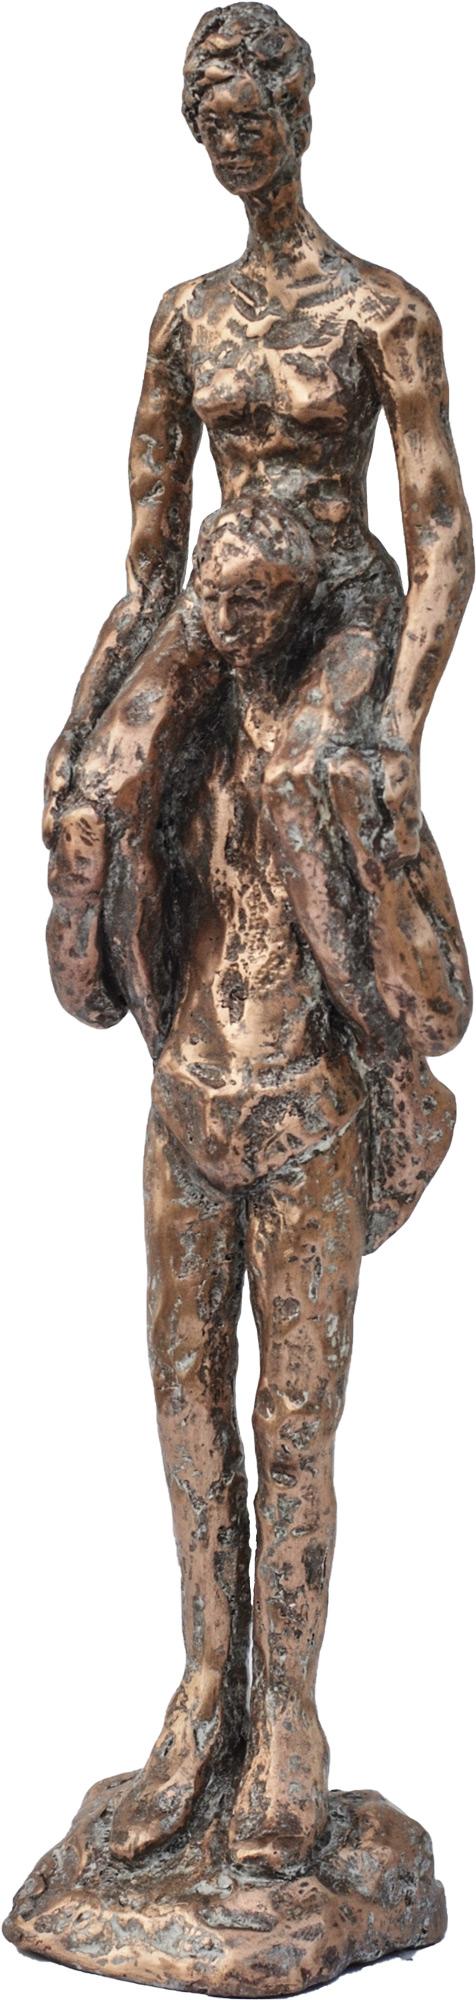 """Skulptur """"Huckepack"""" (2017), Bronze"""